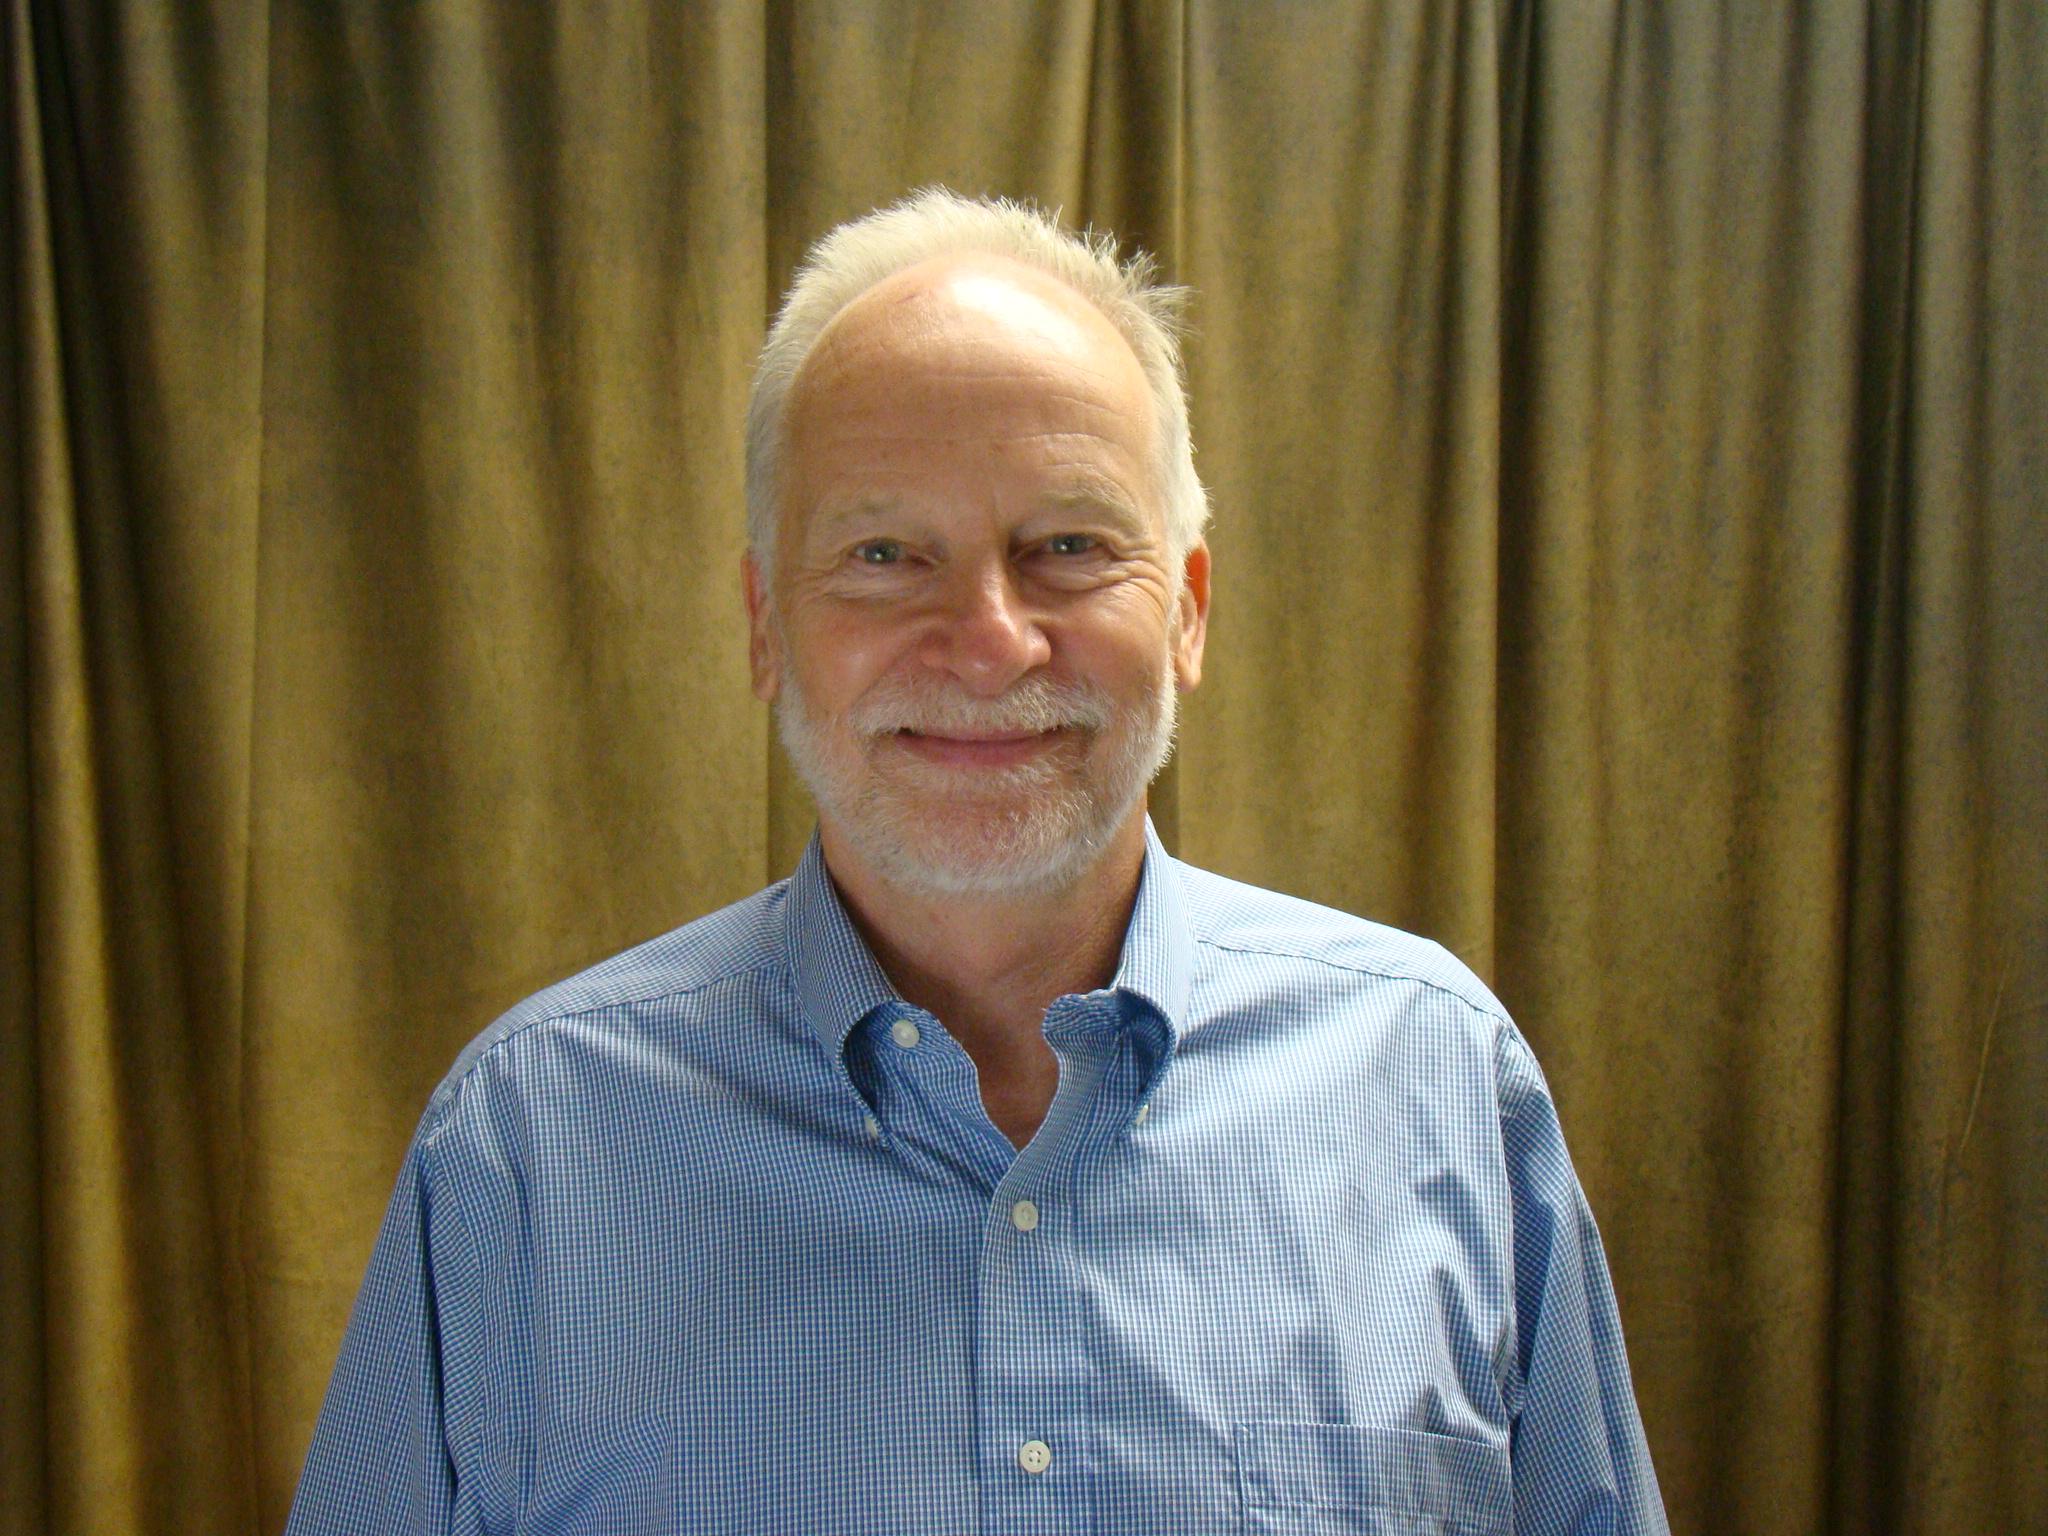 David Sherrard